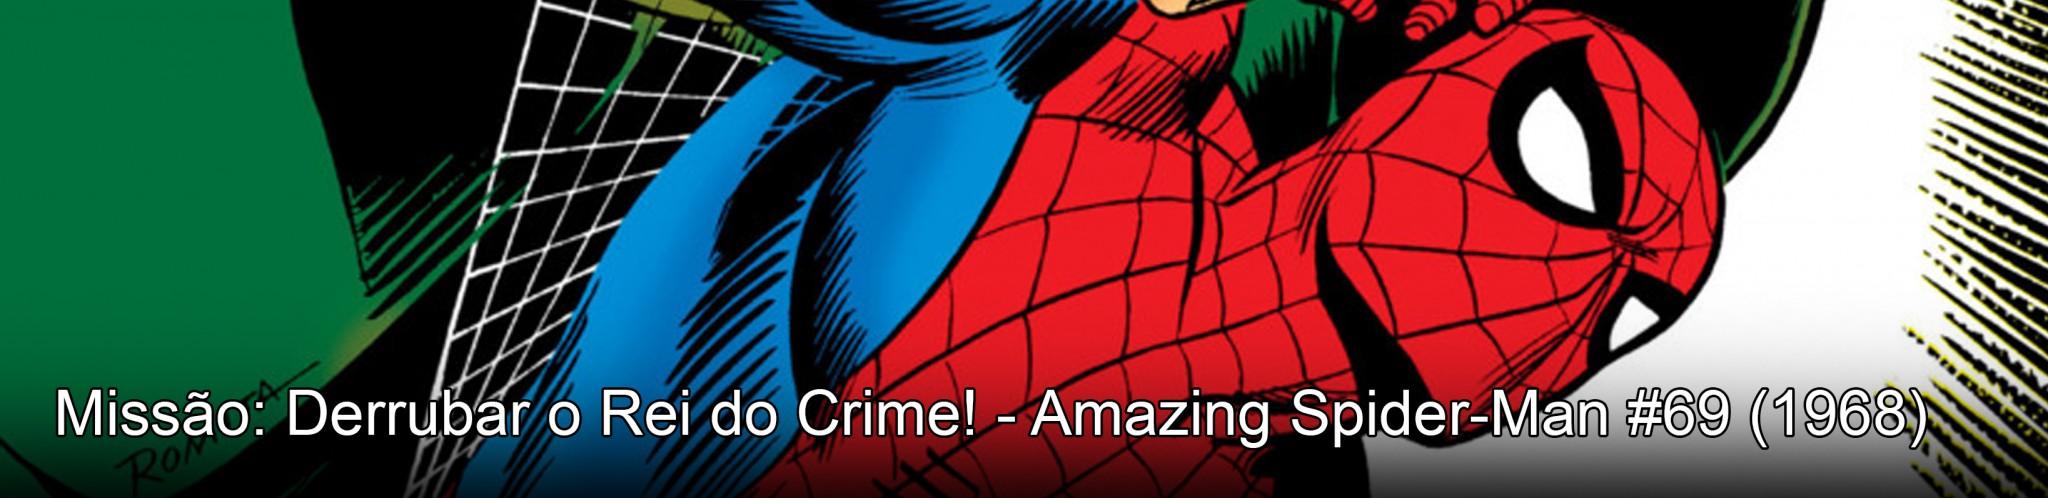 08 - Rei do crime